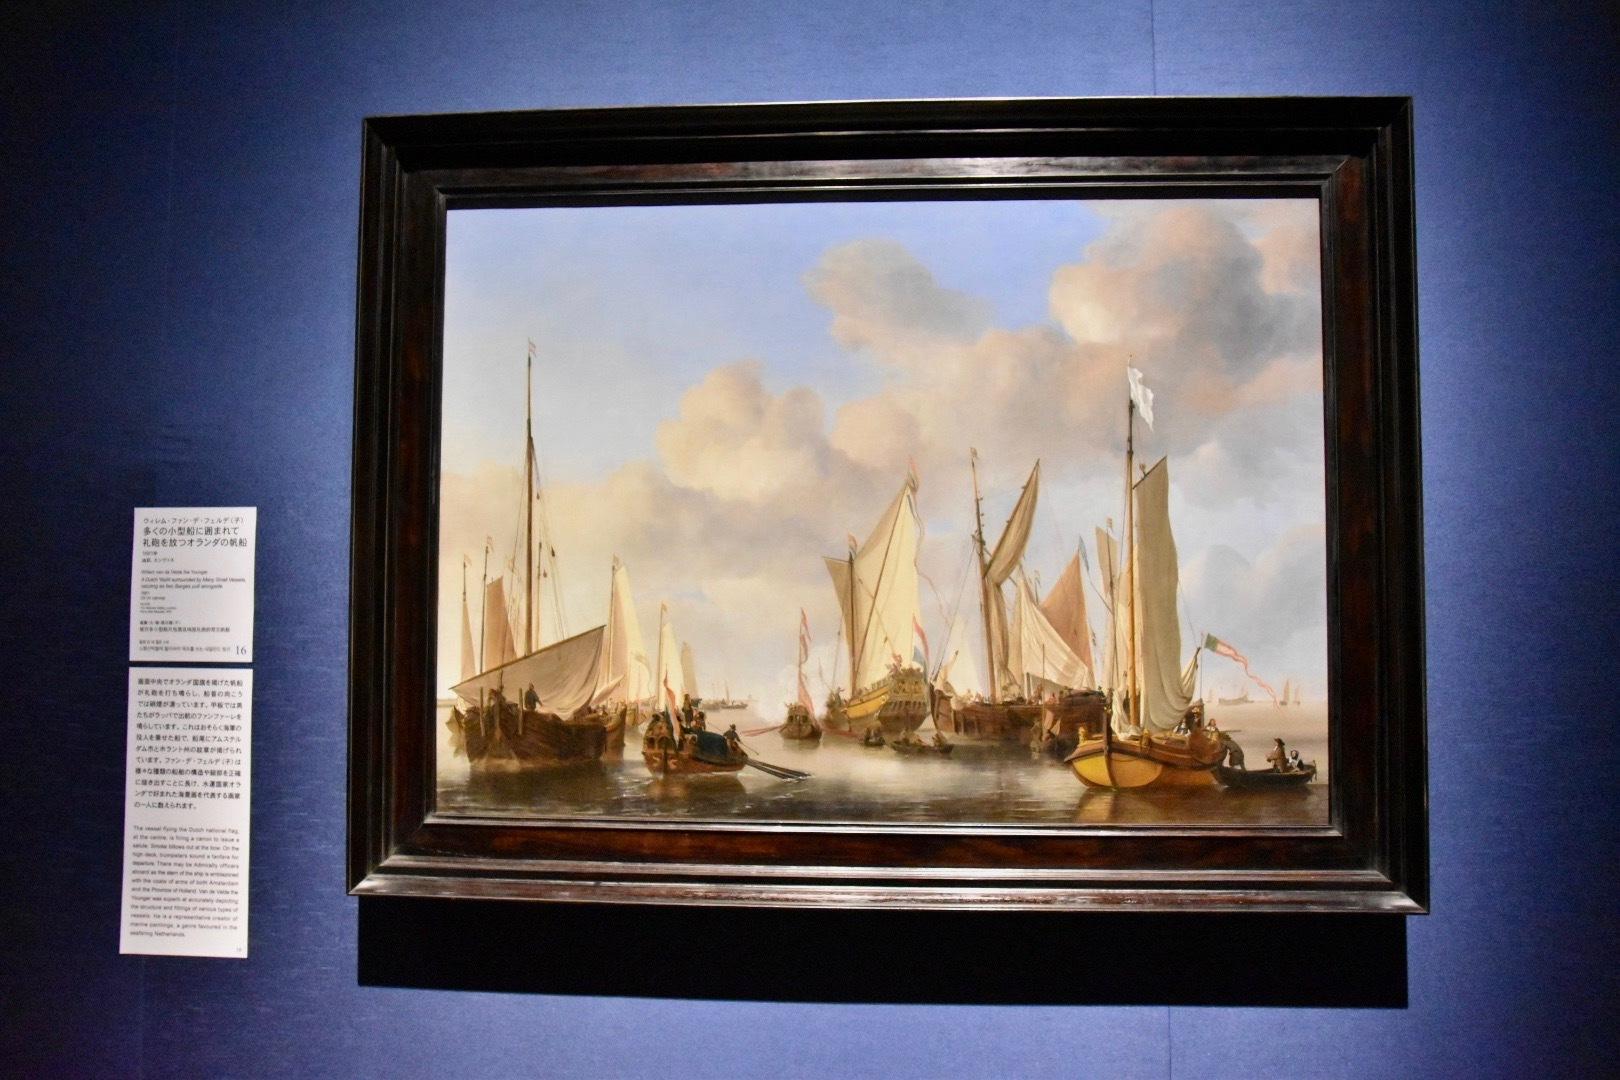 ウィレム・ファン・デ・フェルデ(子)《多くの小型船に囲まれて礼砲を放つオランダの帆船》1661年